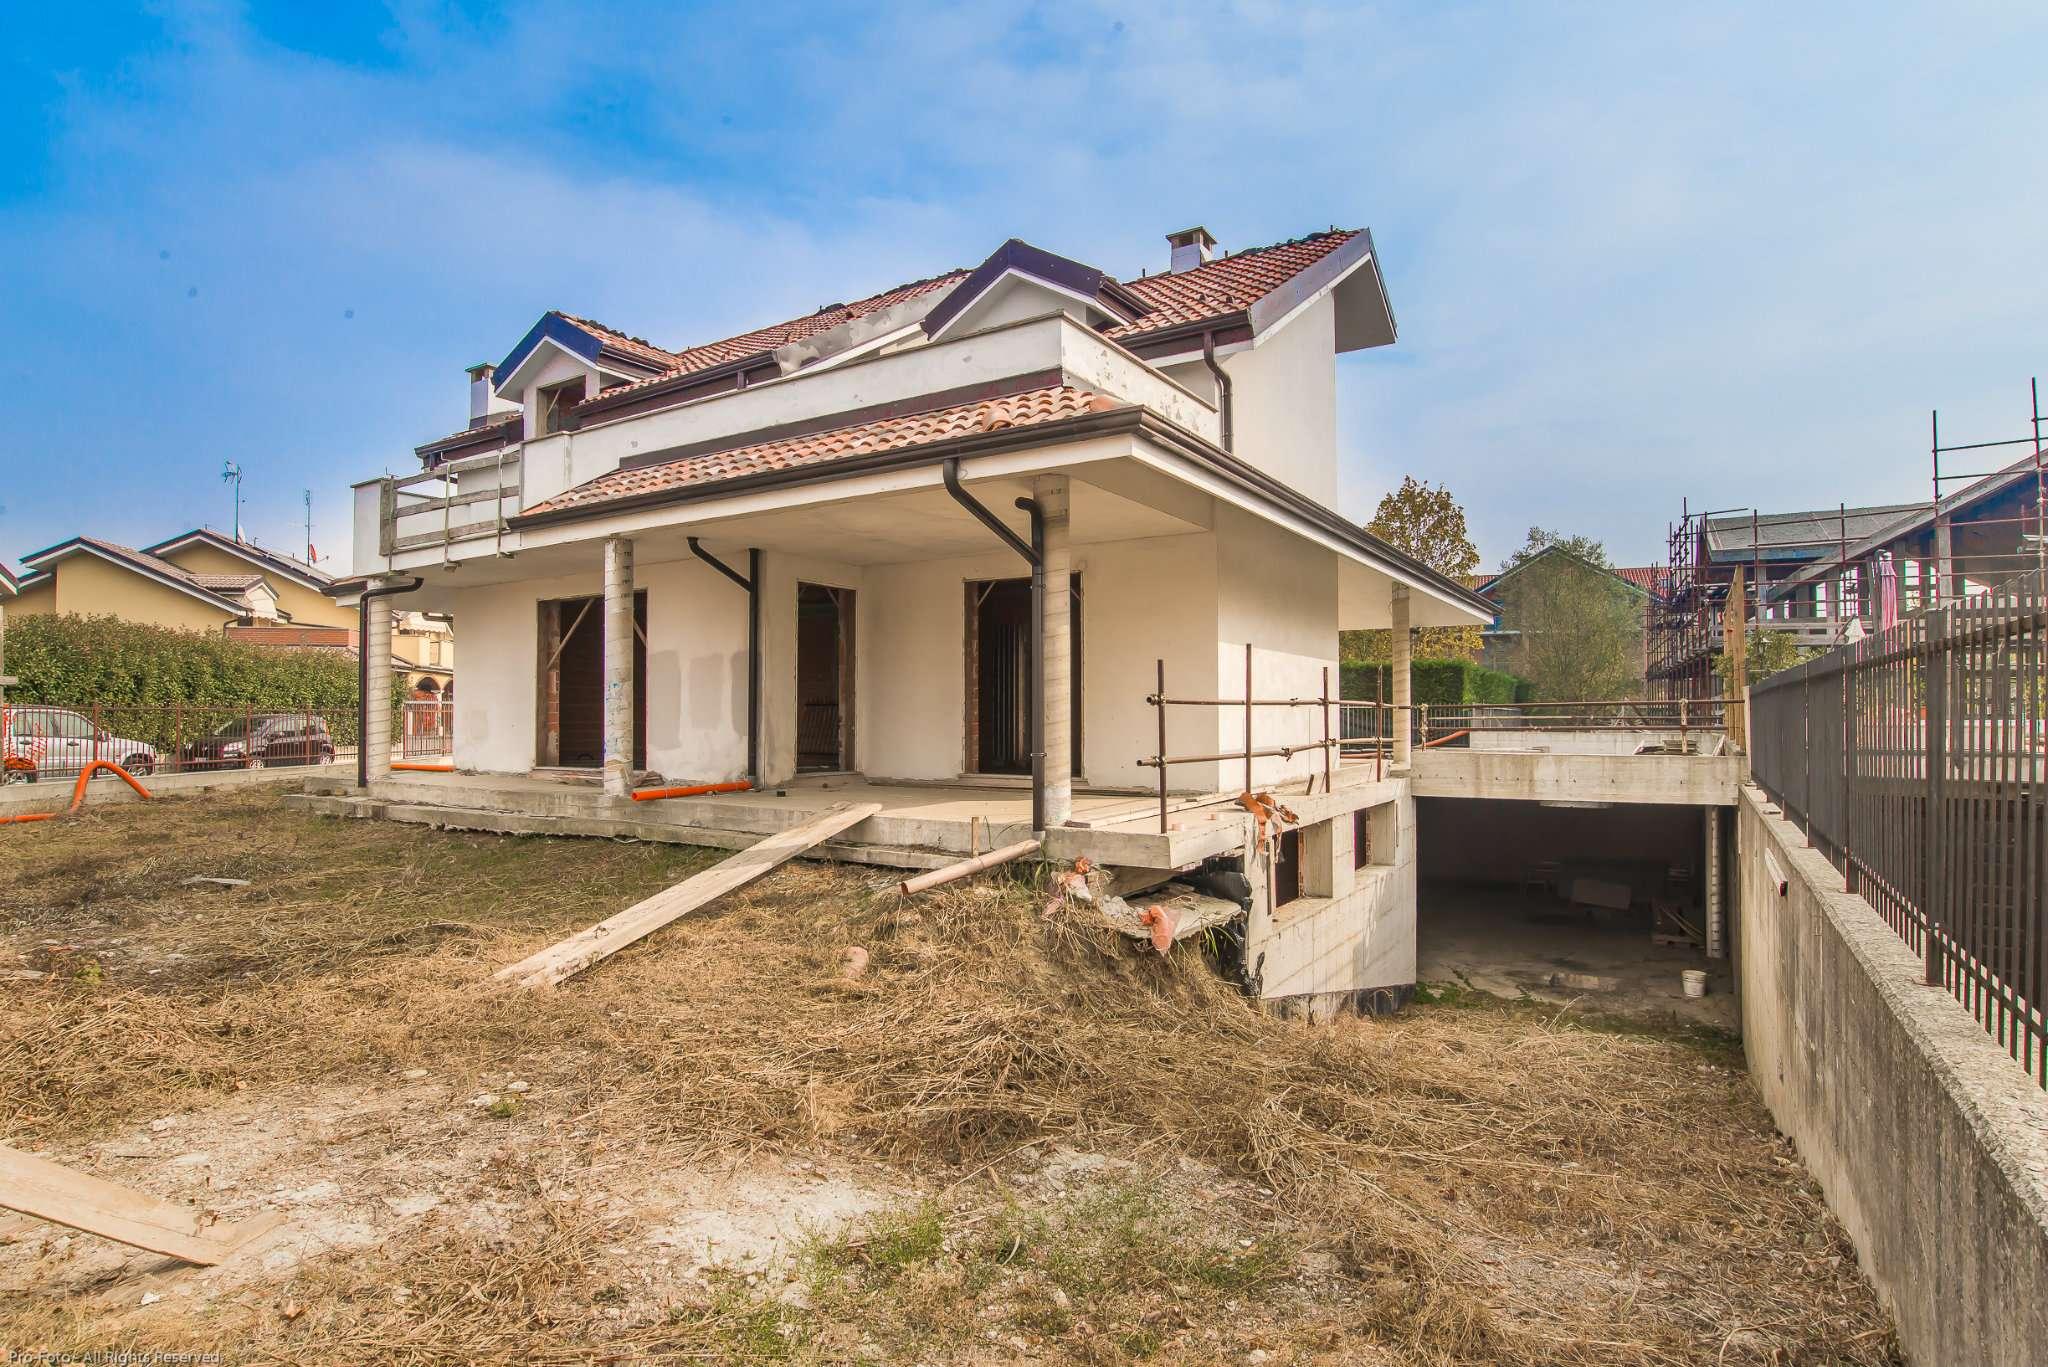 Soluzione Indipendente in vendita a La Loggia, 4 locali, prezzo € 219.000 | CambioCasa.it